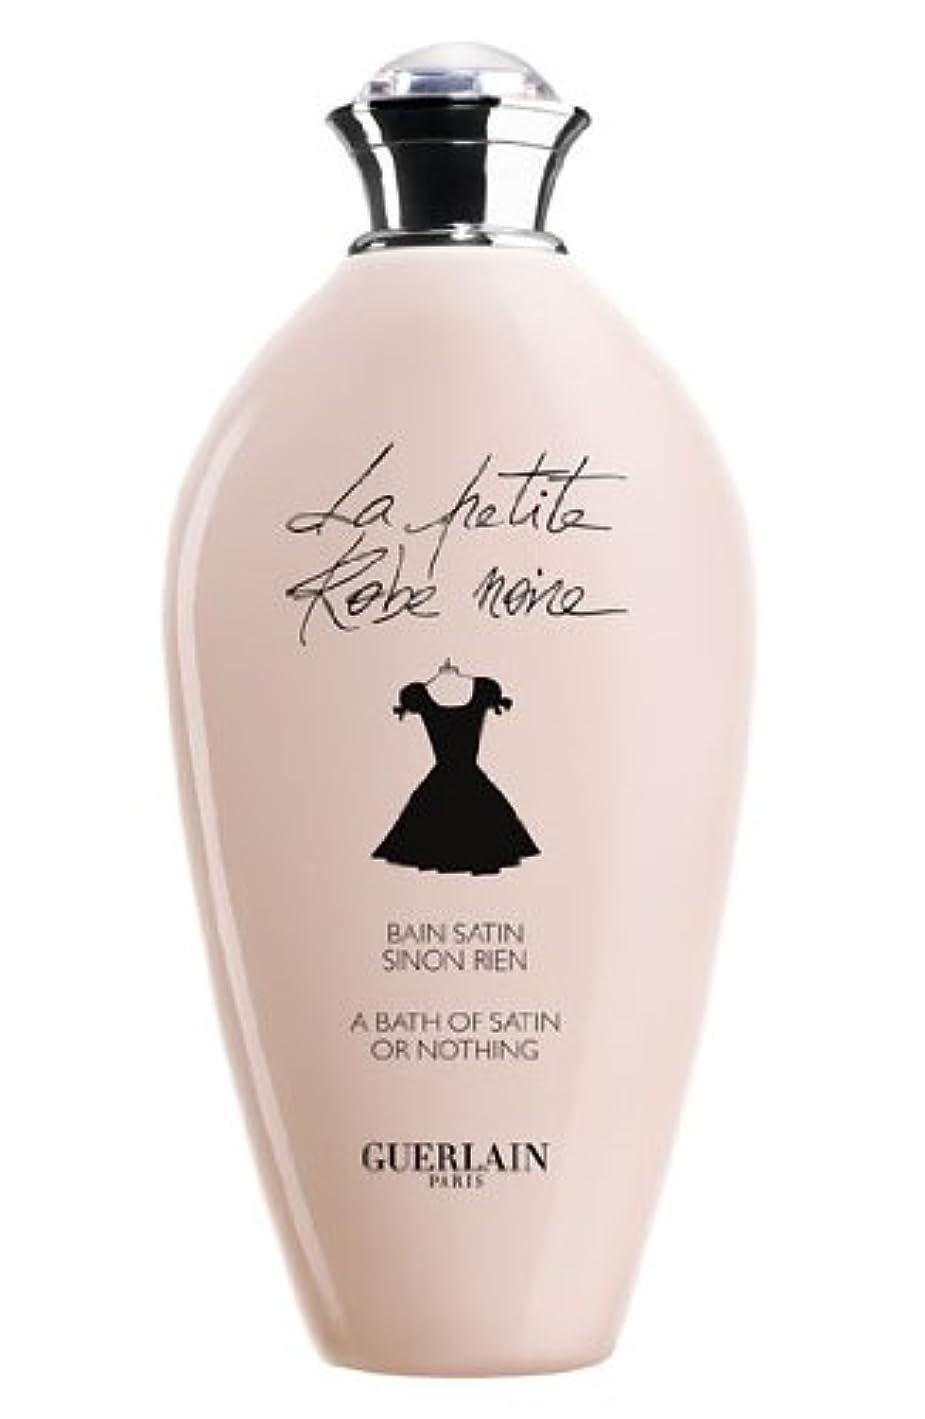 成熟ナチュラ歴史的La Petite Robe Noire (ラ プティ ローブ ノアー) 6.7 oz (200ml) Bath Gel by Guerlain for Women